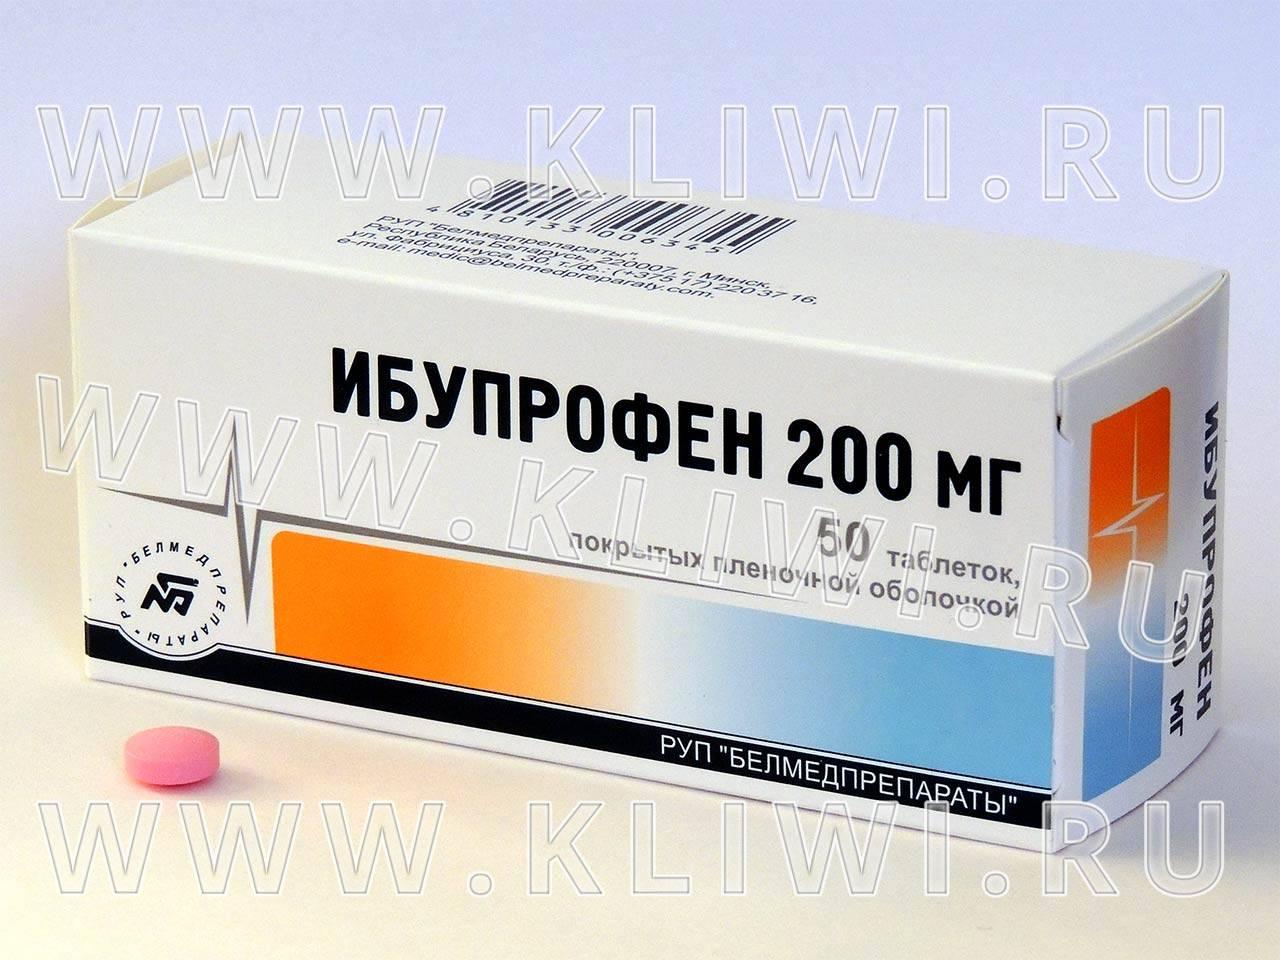 Можно ли давать нурофен и парацетамол одновременно